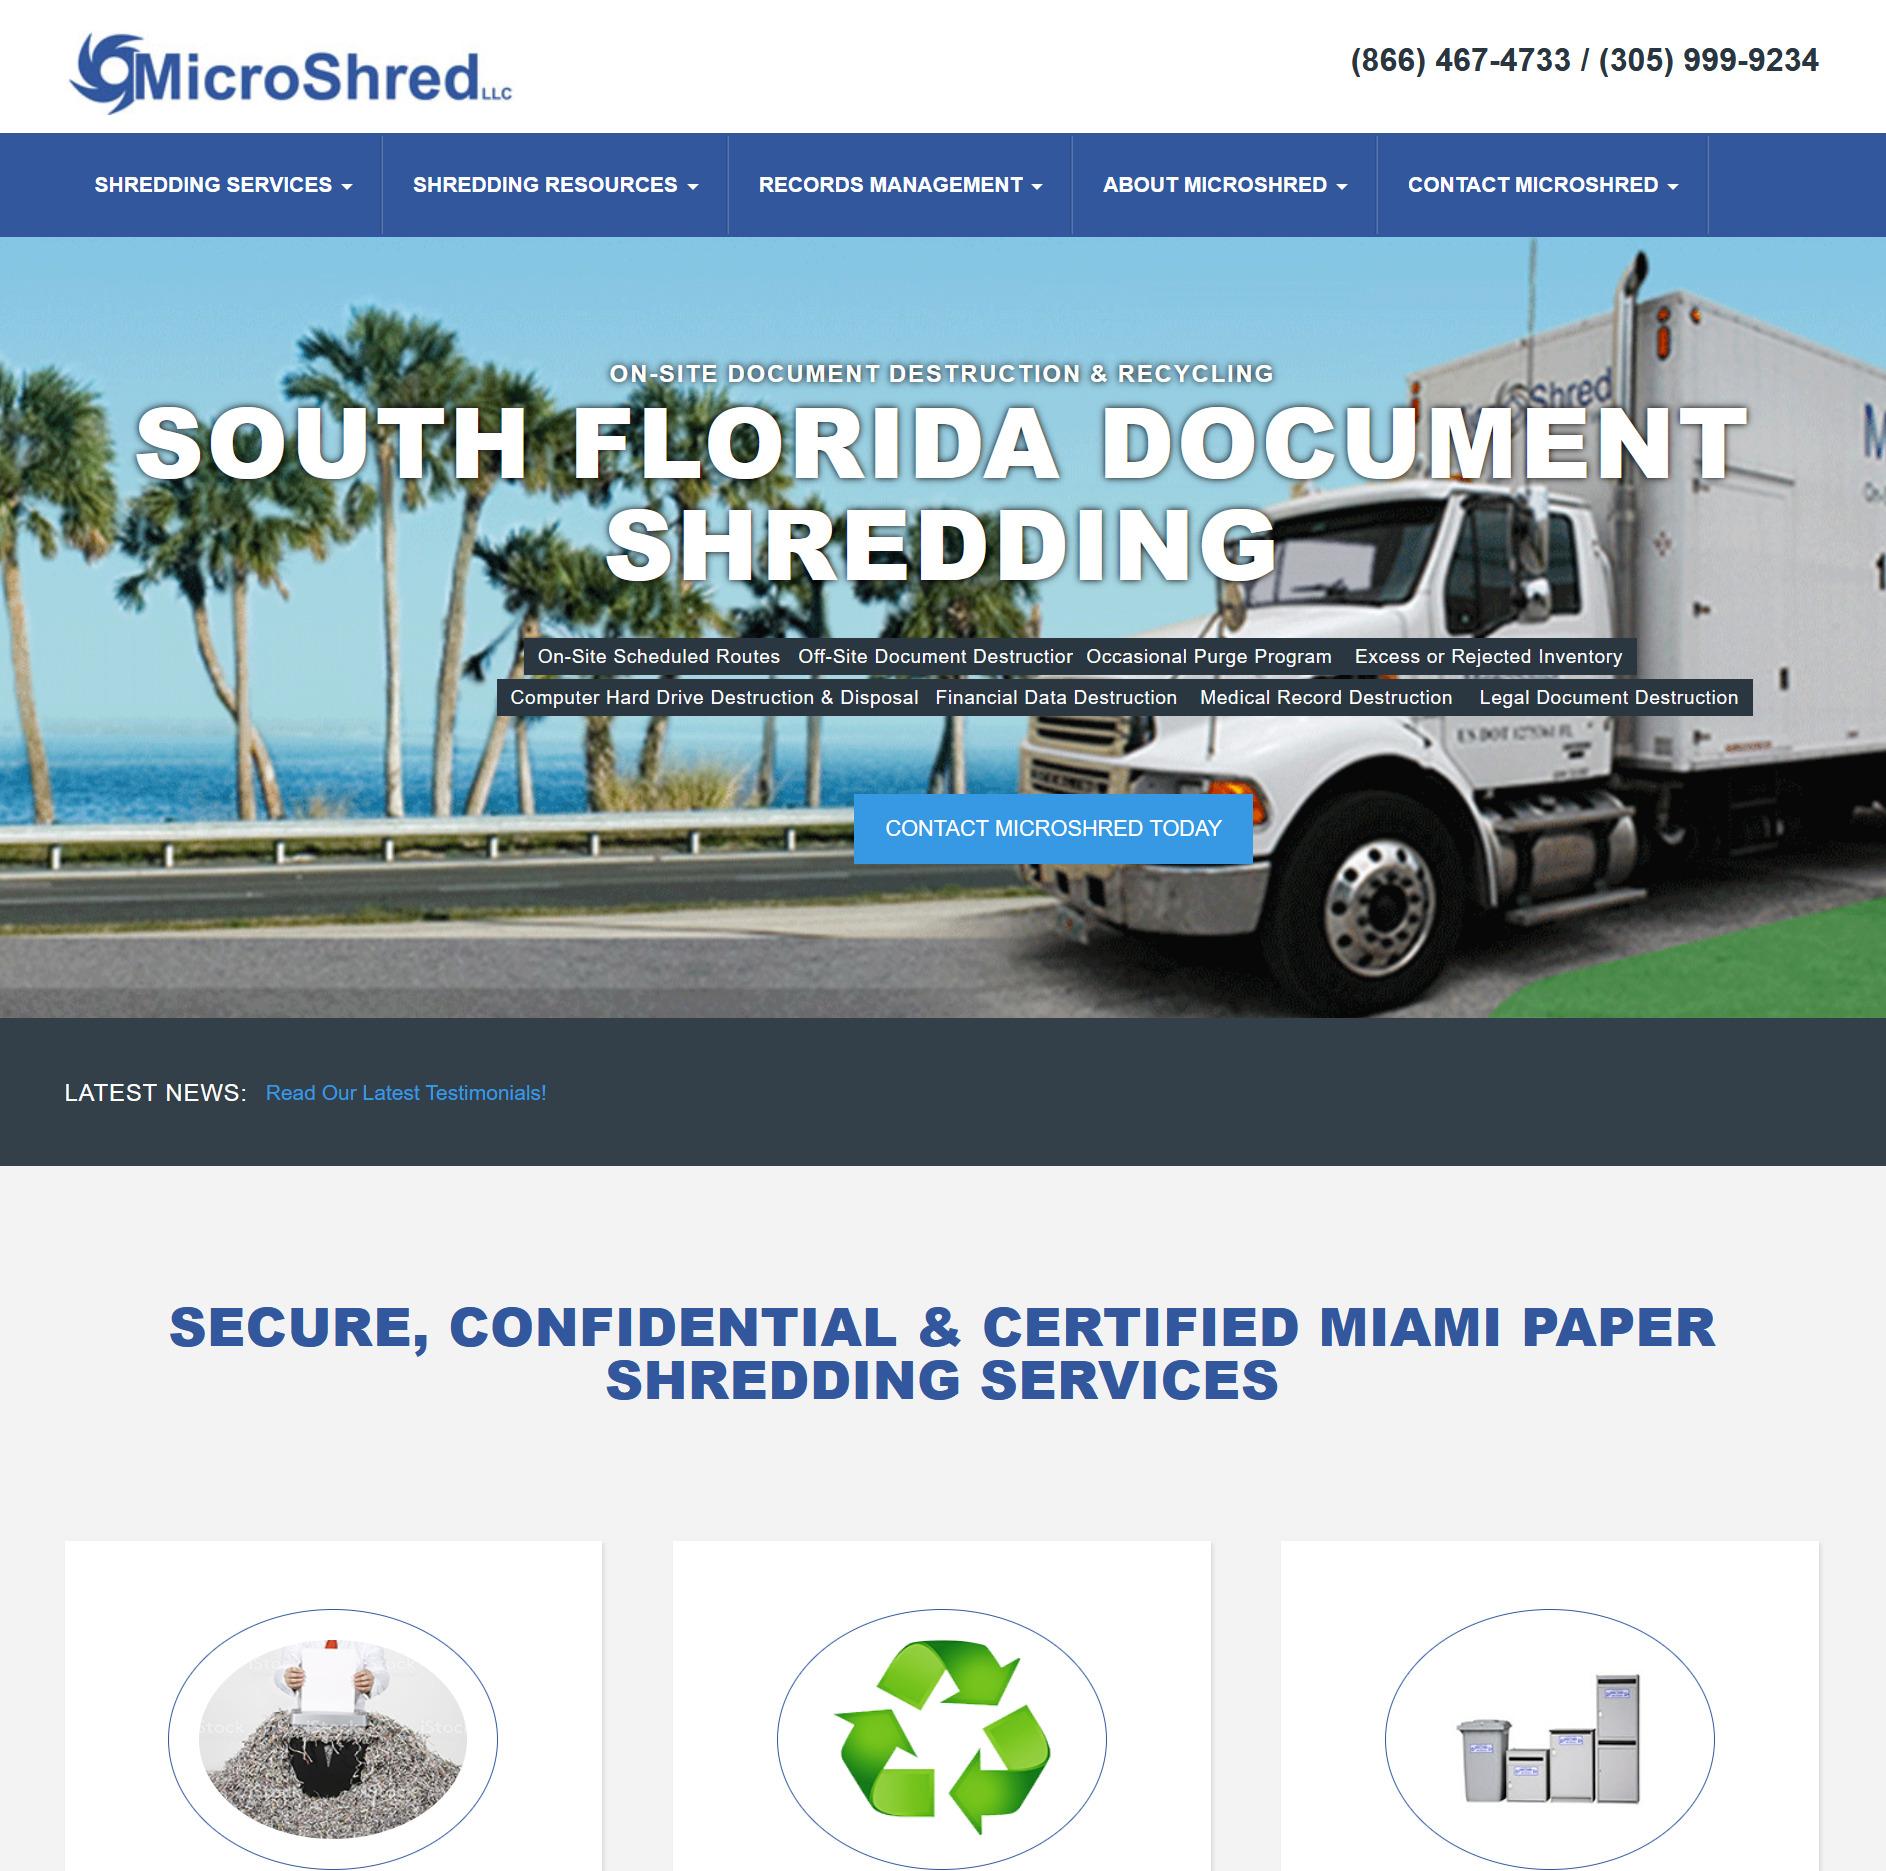 MicroShred Miami